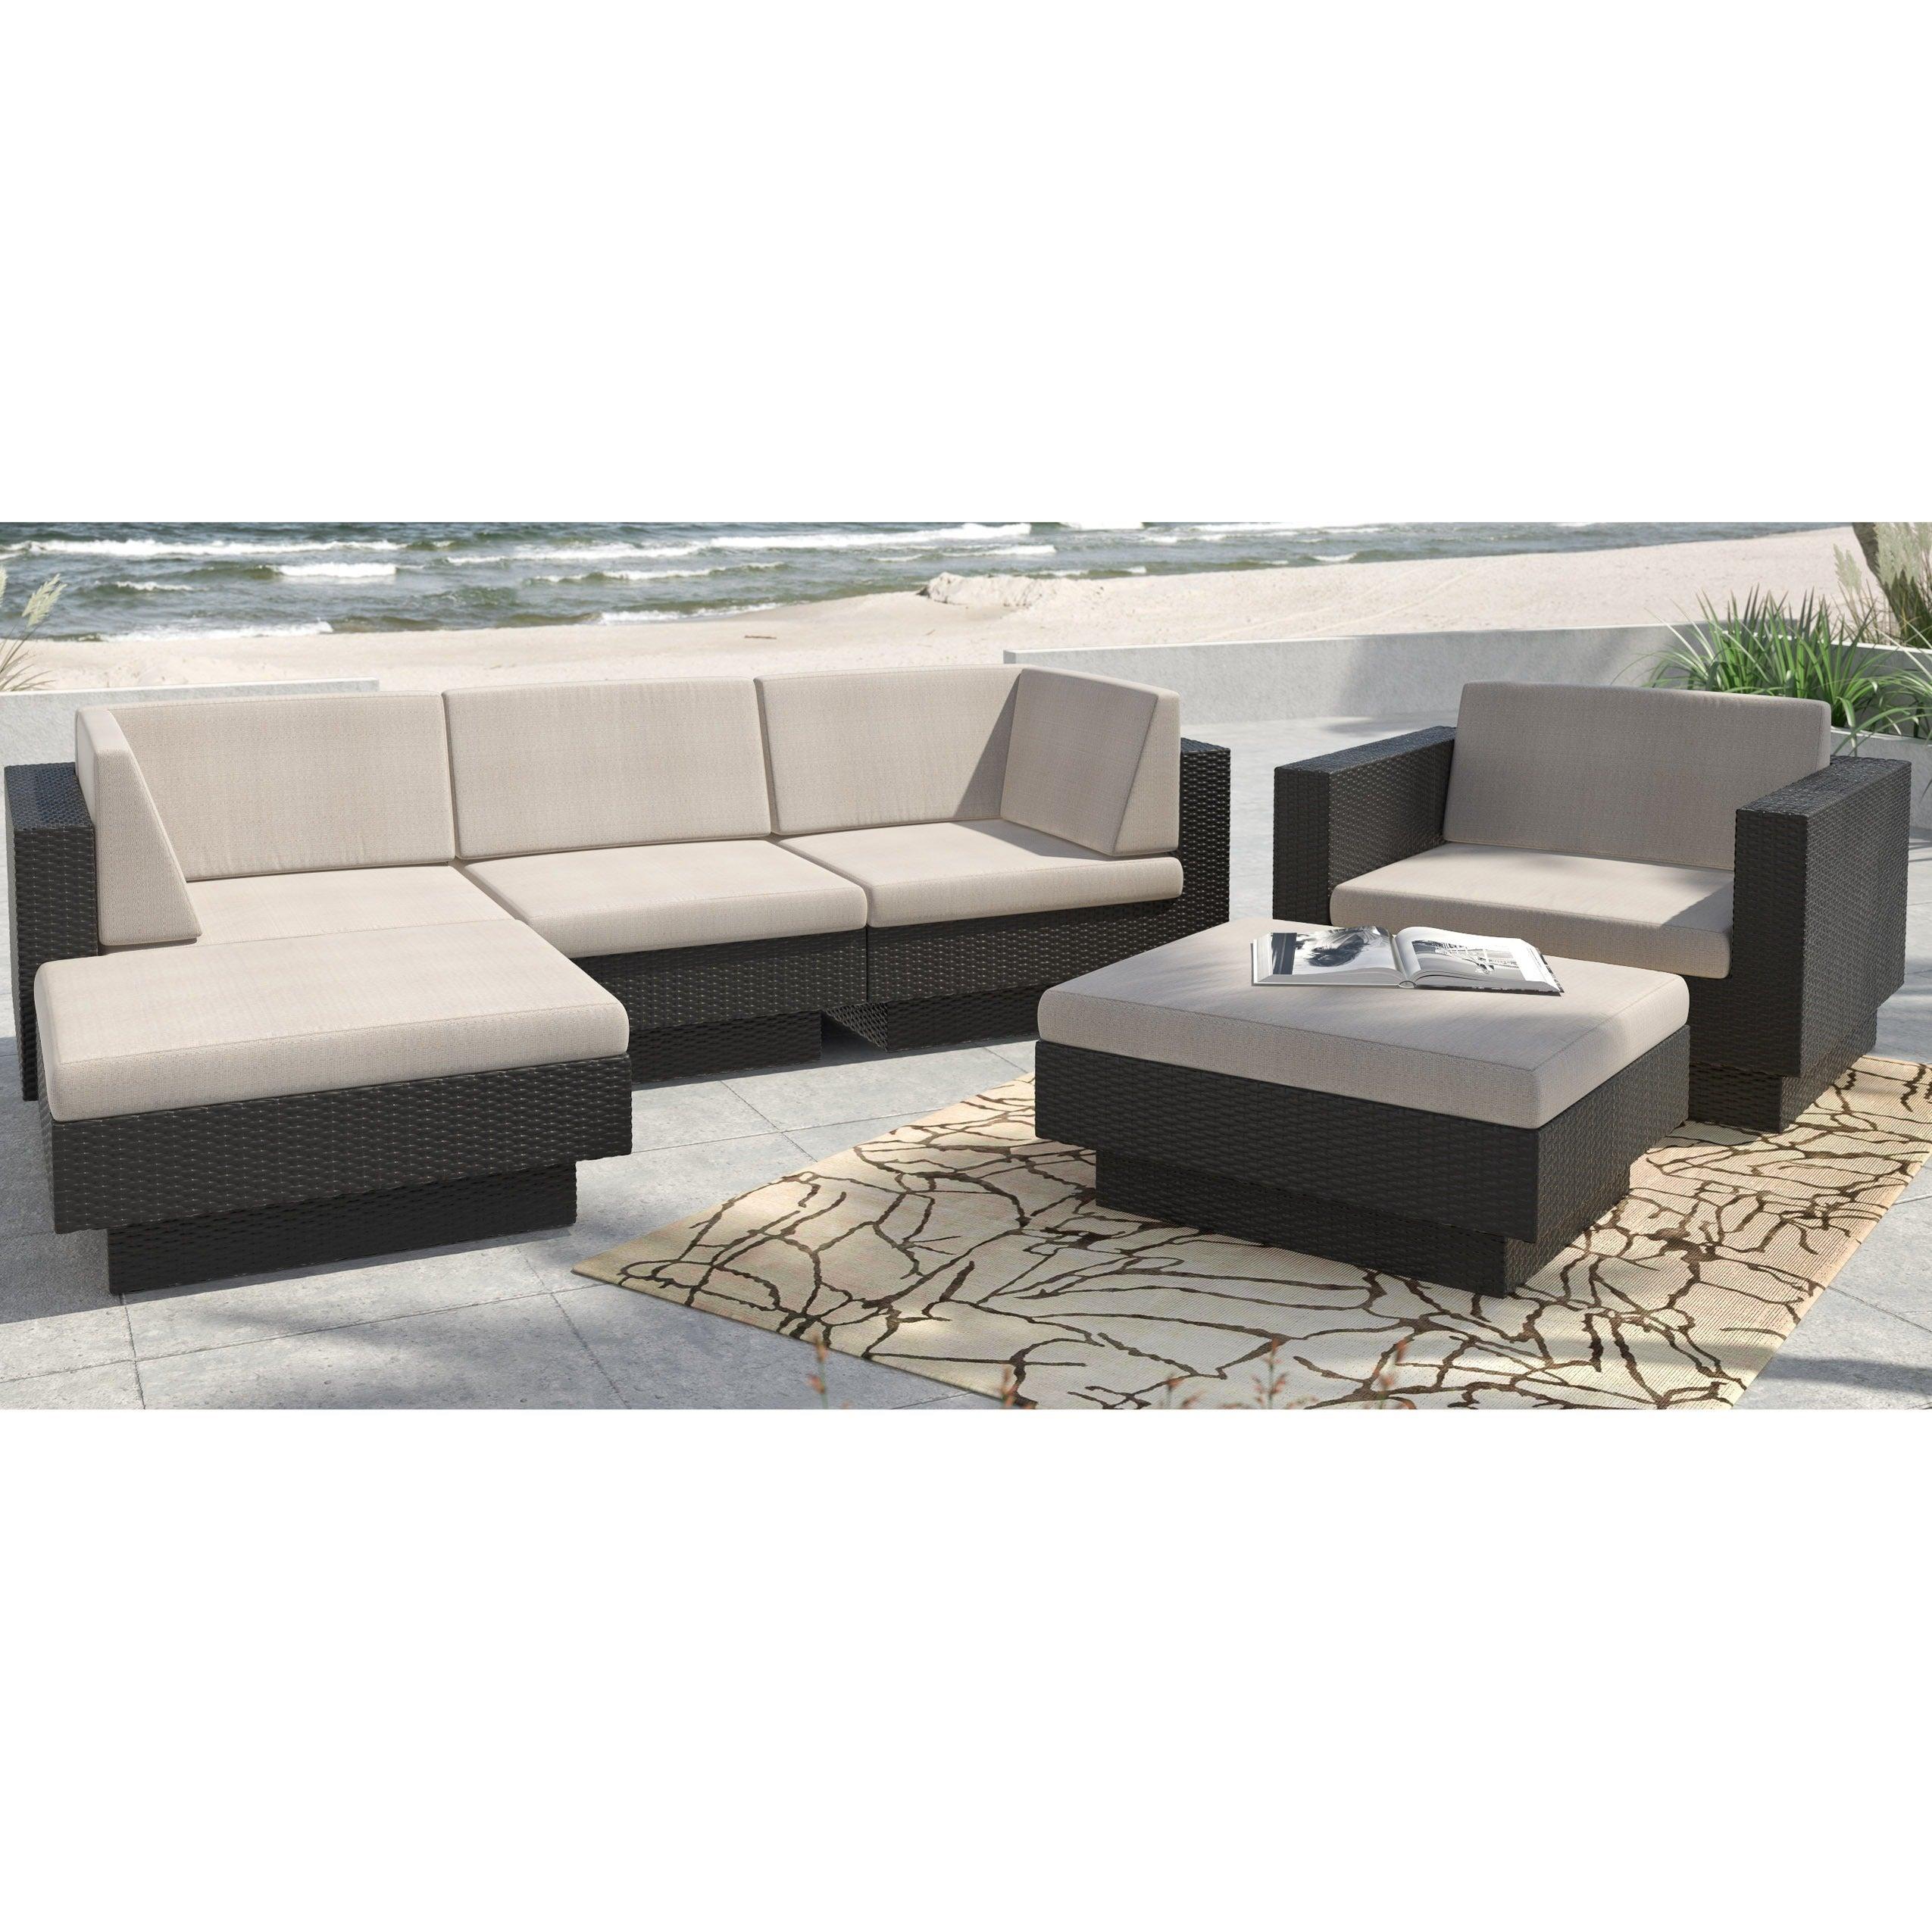 Sonax 'Park Terrace' Textured Black 6-piece Sectional Patio Set